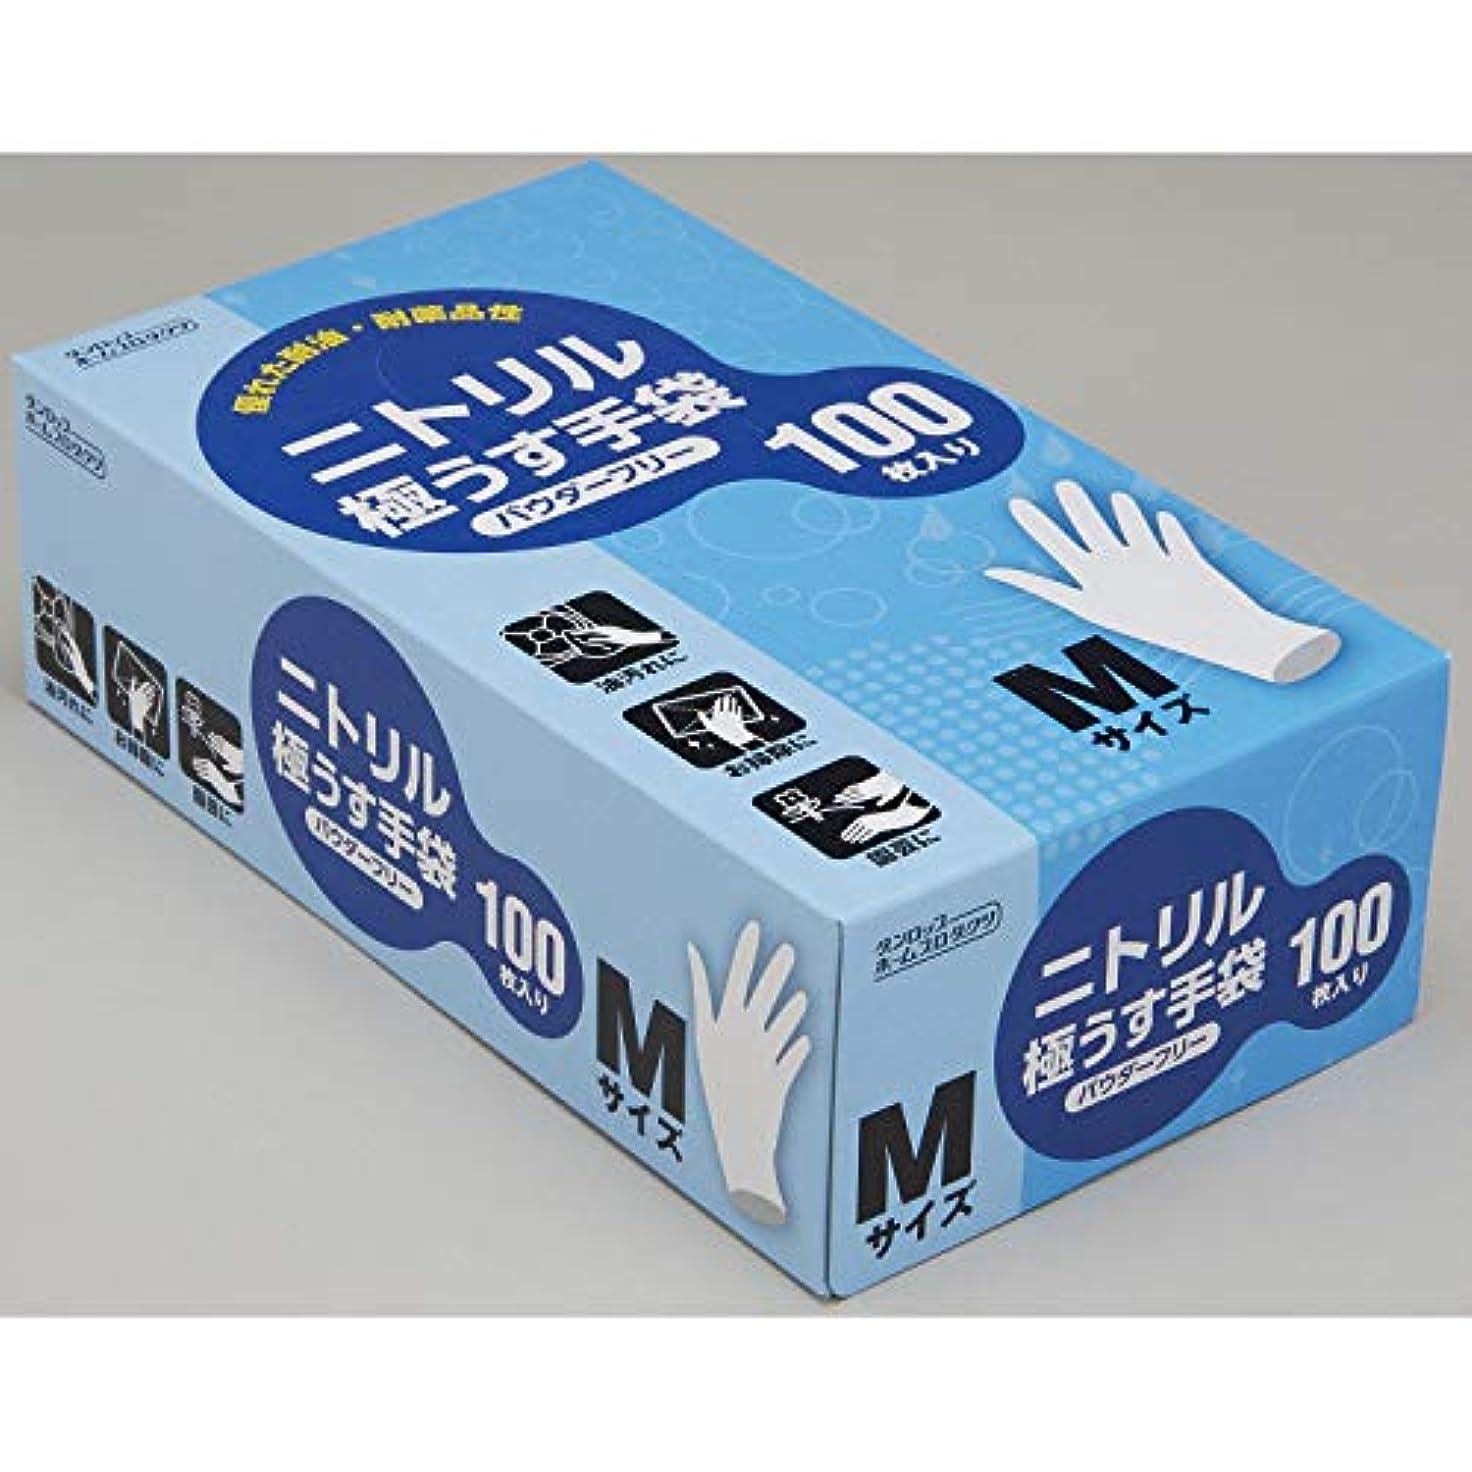 弱点オーバーヘッドクラウンダンロップ 二トリル極うす手袋 パウダーフリー Mサイズ 100枚入 ×20個